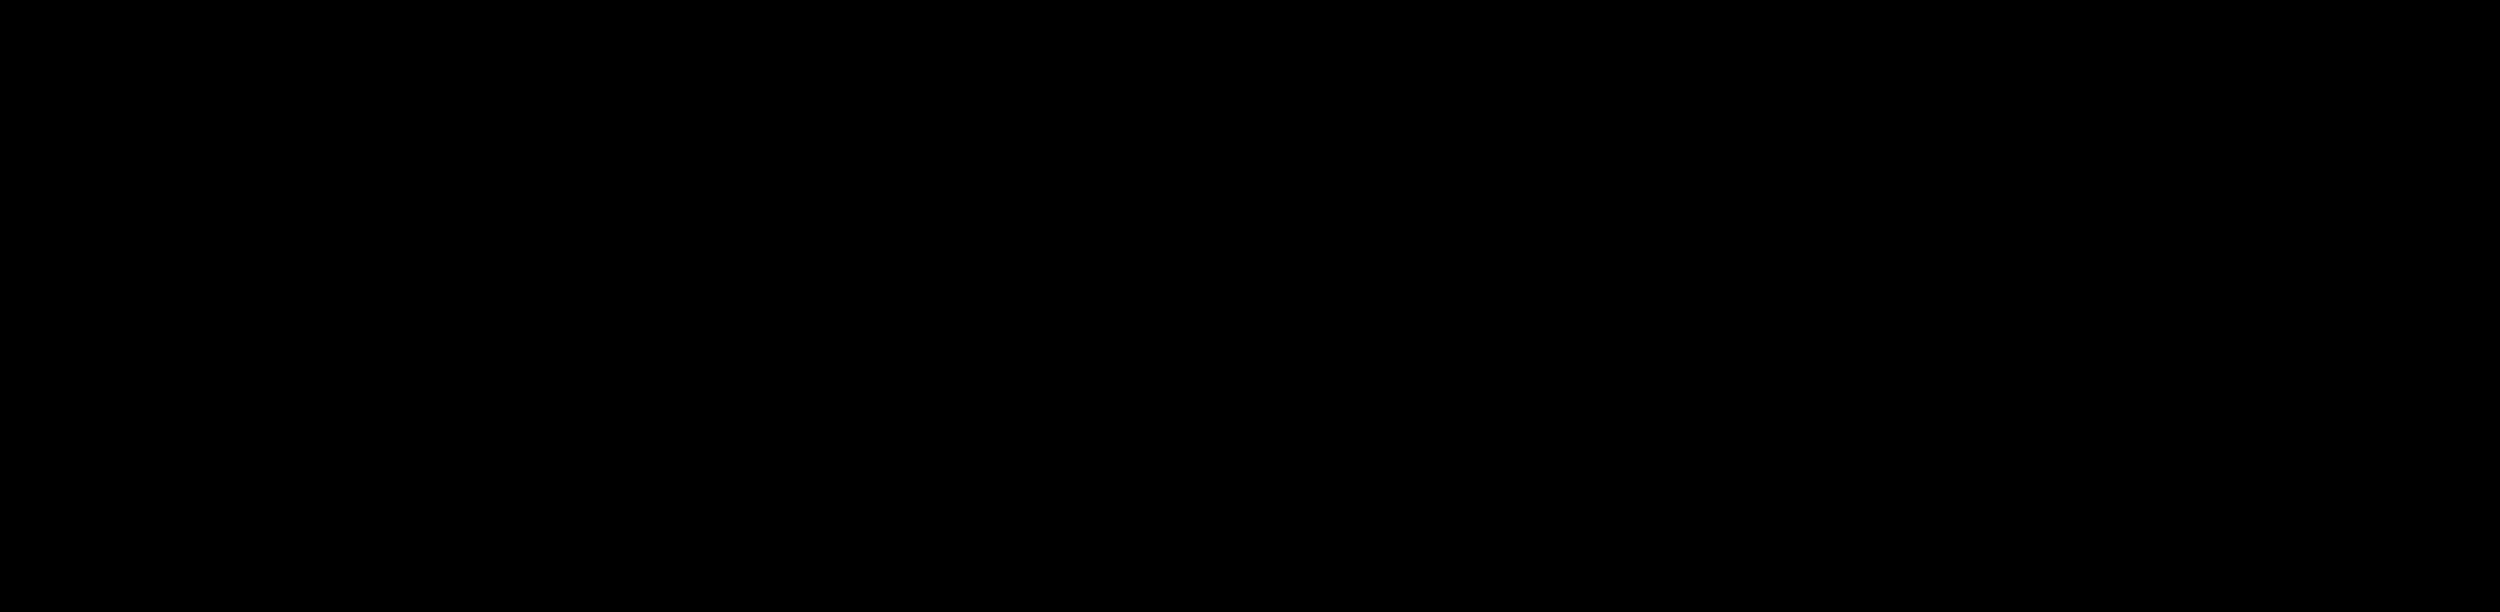 offbeat life logo elise darma.png